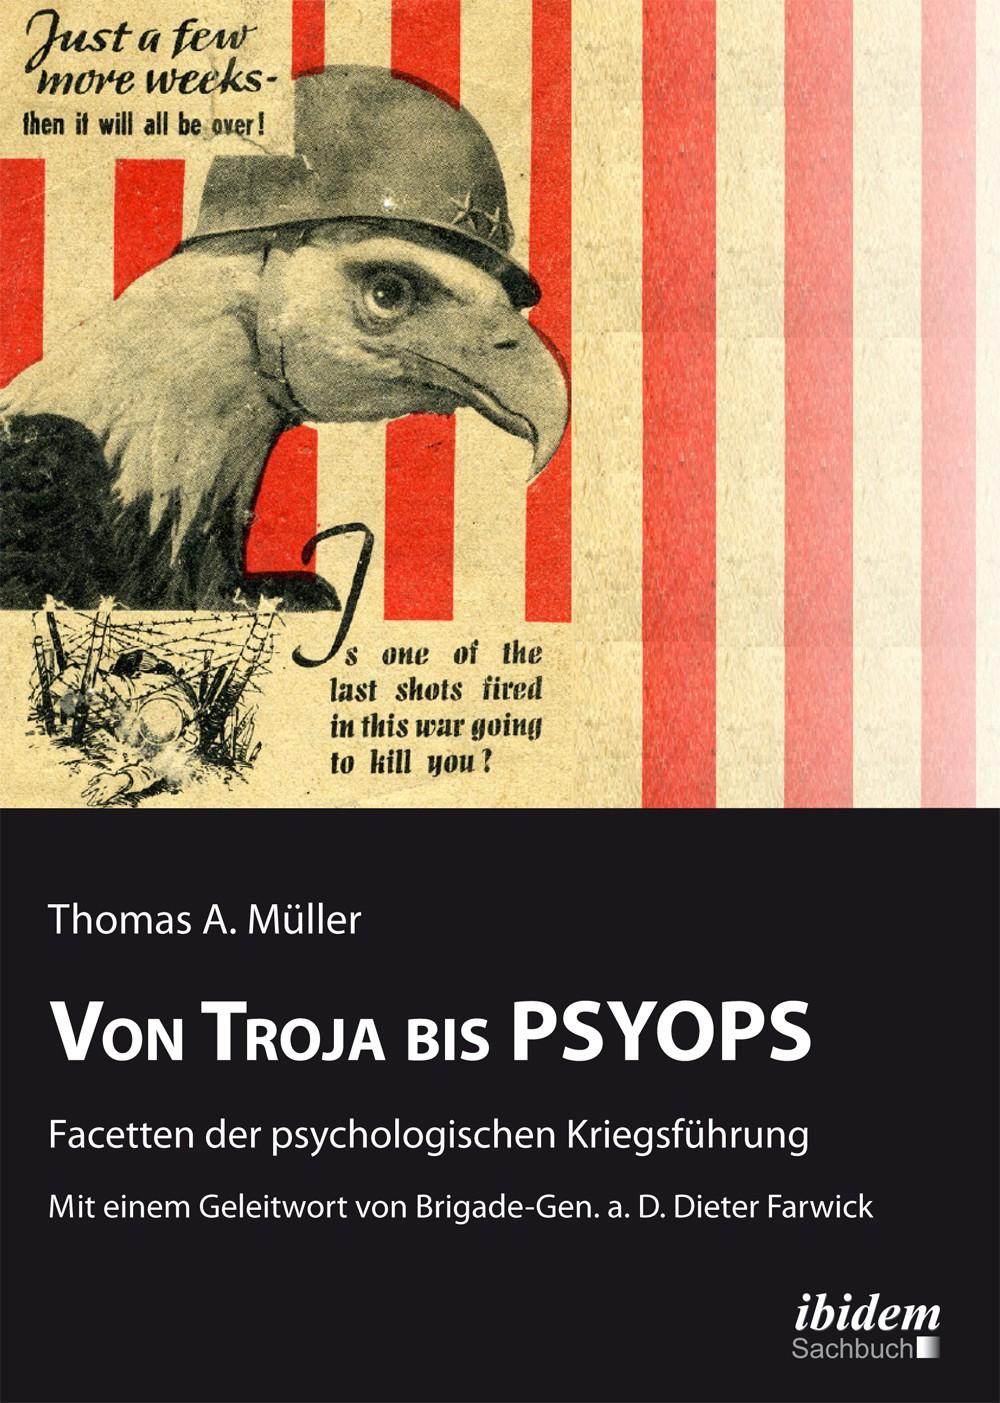 Von Troja bis PSYOPS. Facetten der psychologischen Kriegsführung